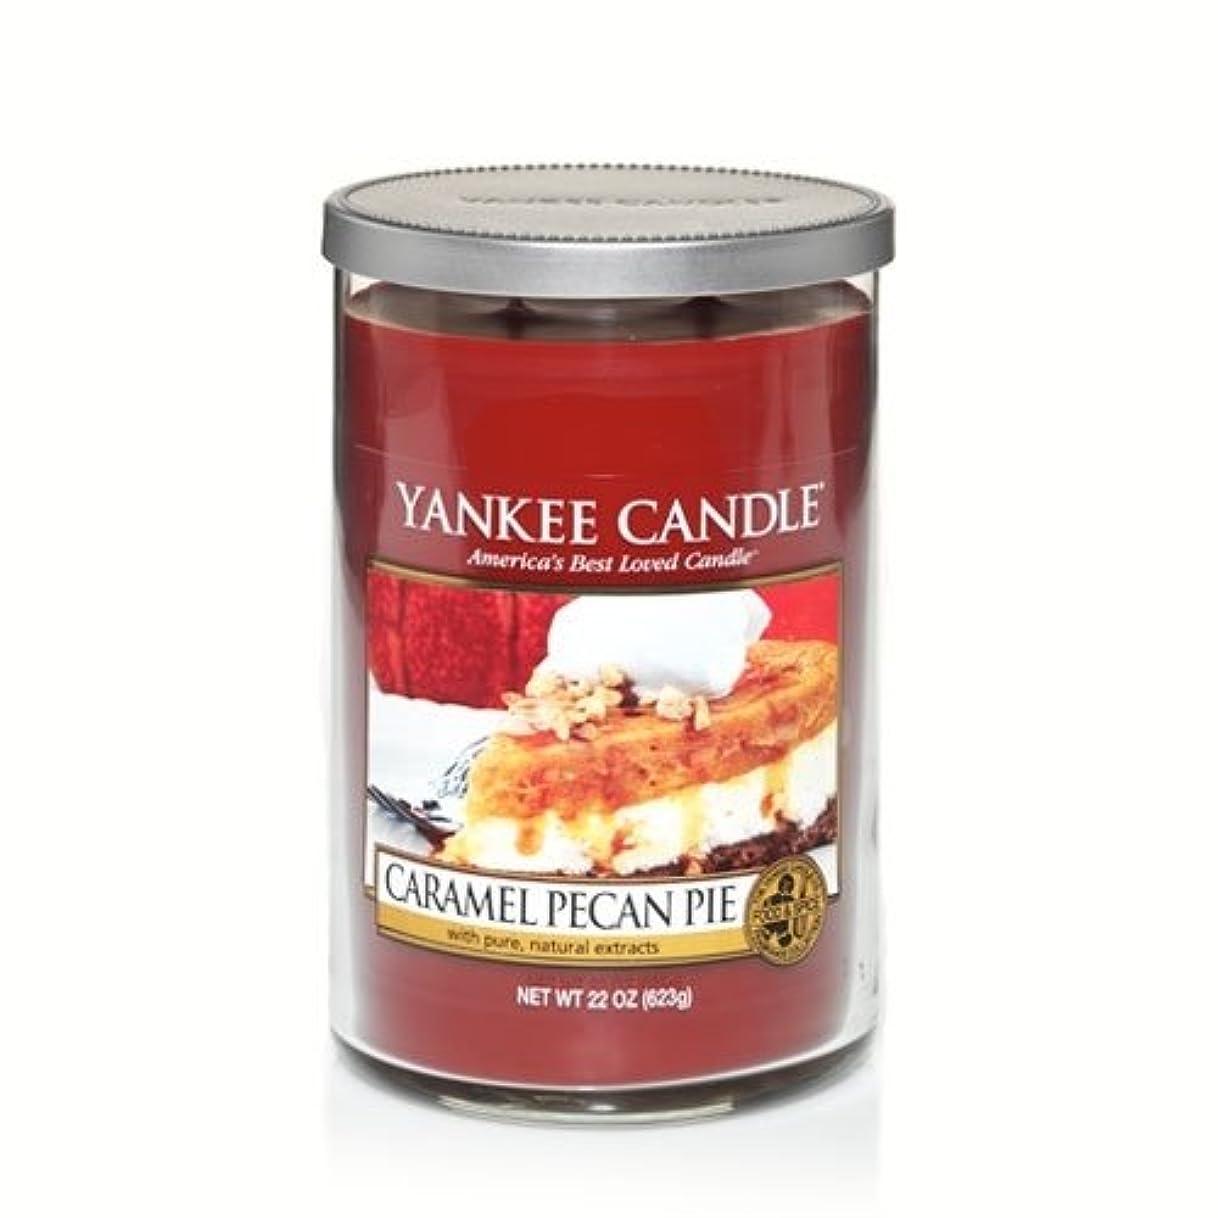 フィクションコックグラマーYankee Candle Caramel Pecan Pie , Food & Spice香り Large Tumbler Candles 1245593-YC